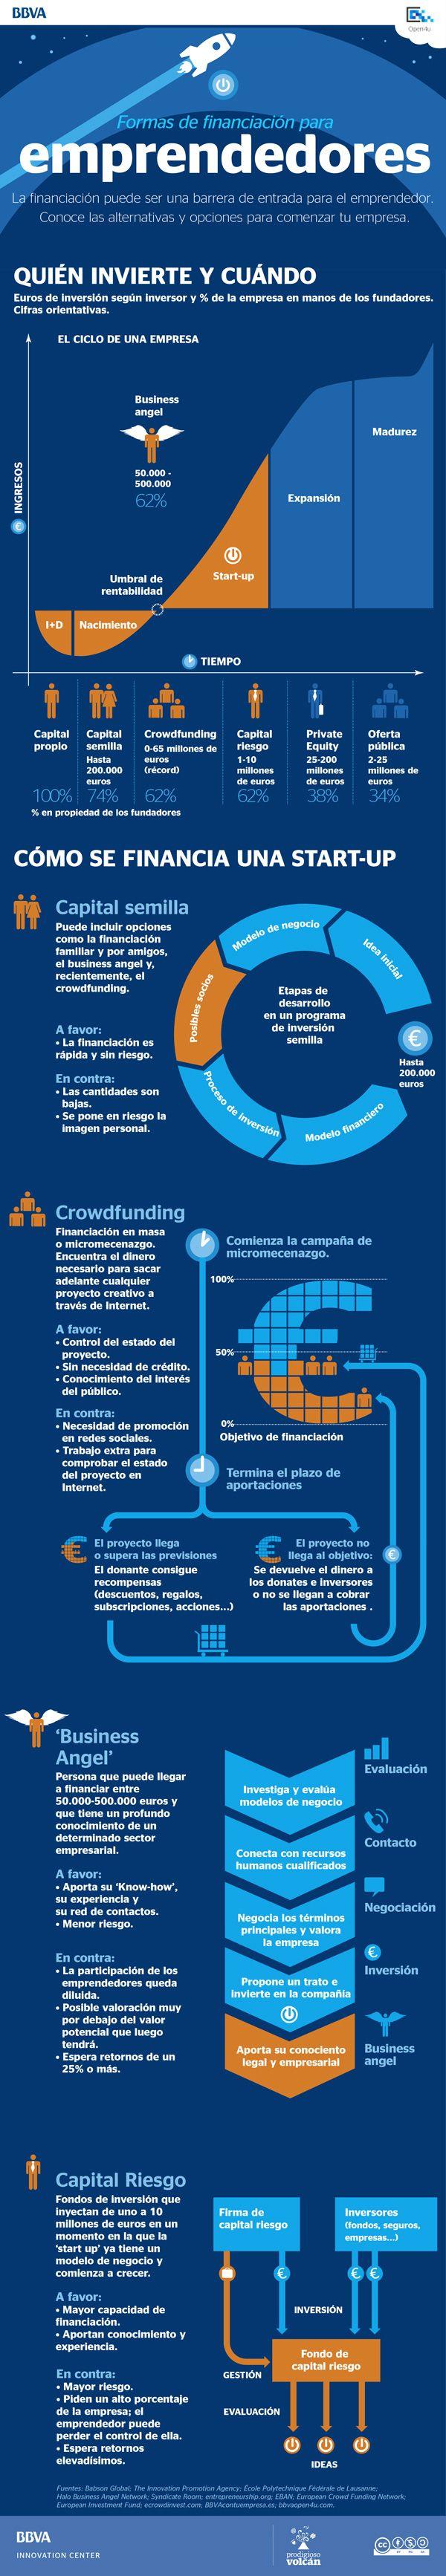 Formas de financiación para emprendedores #infografia #infographic